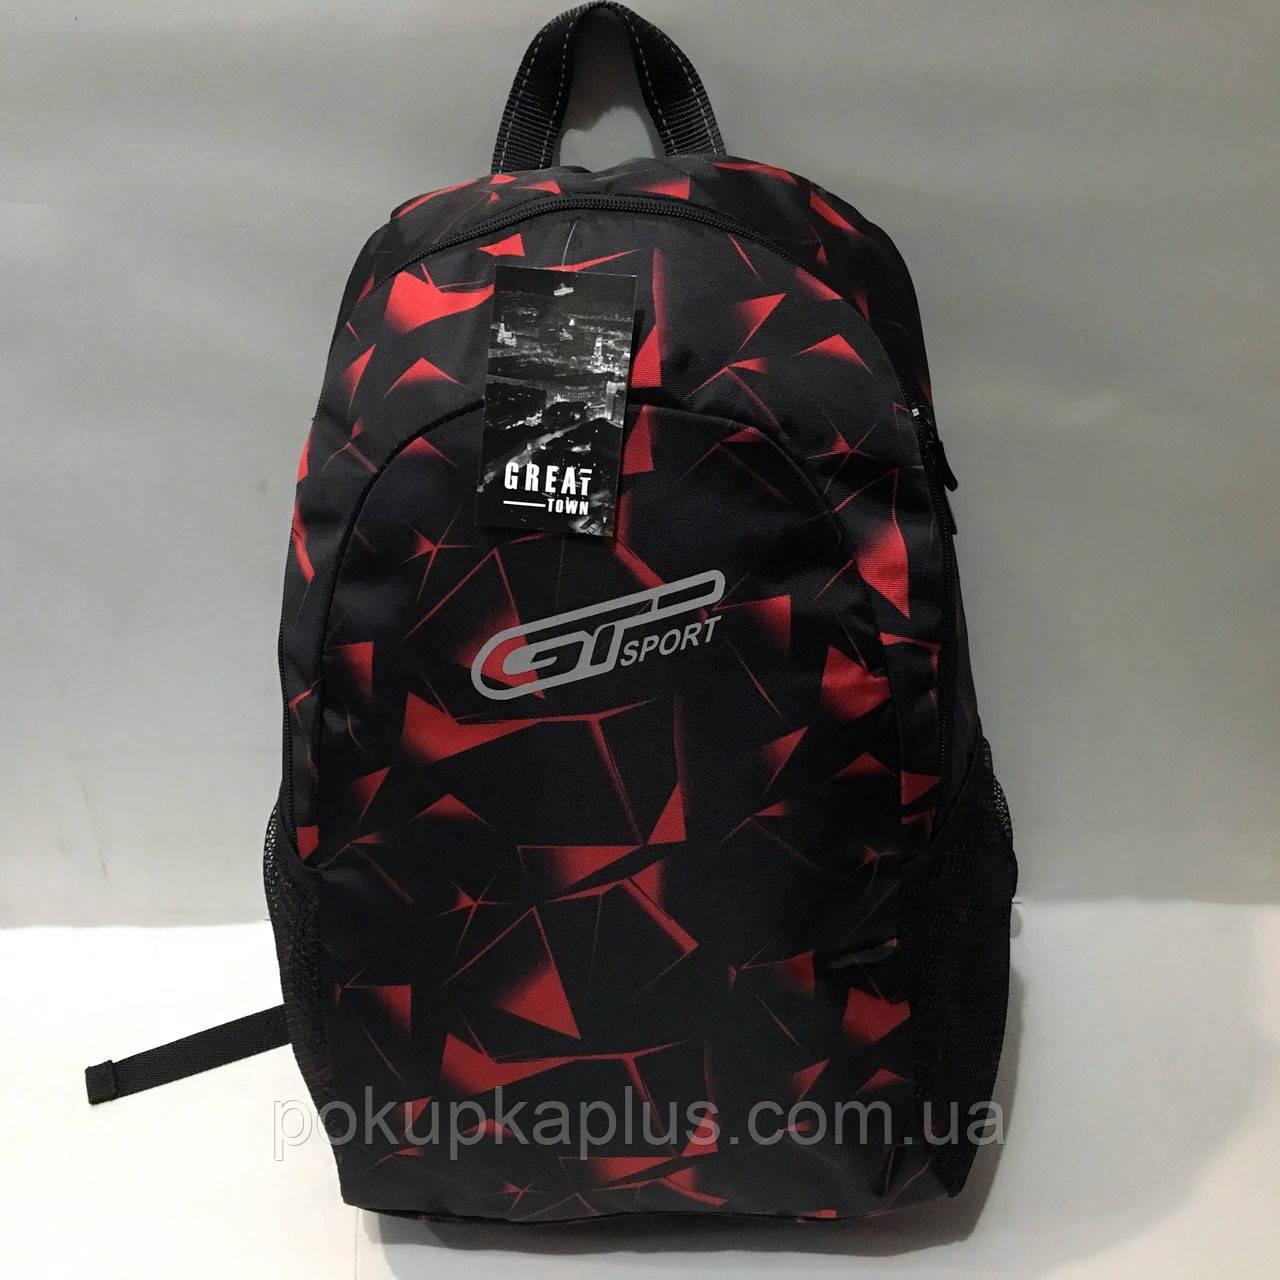 Рюкзак спортивный, туристический, молодежный 31х43 см Черный